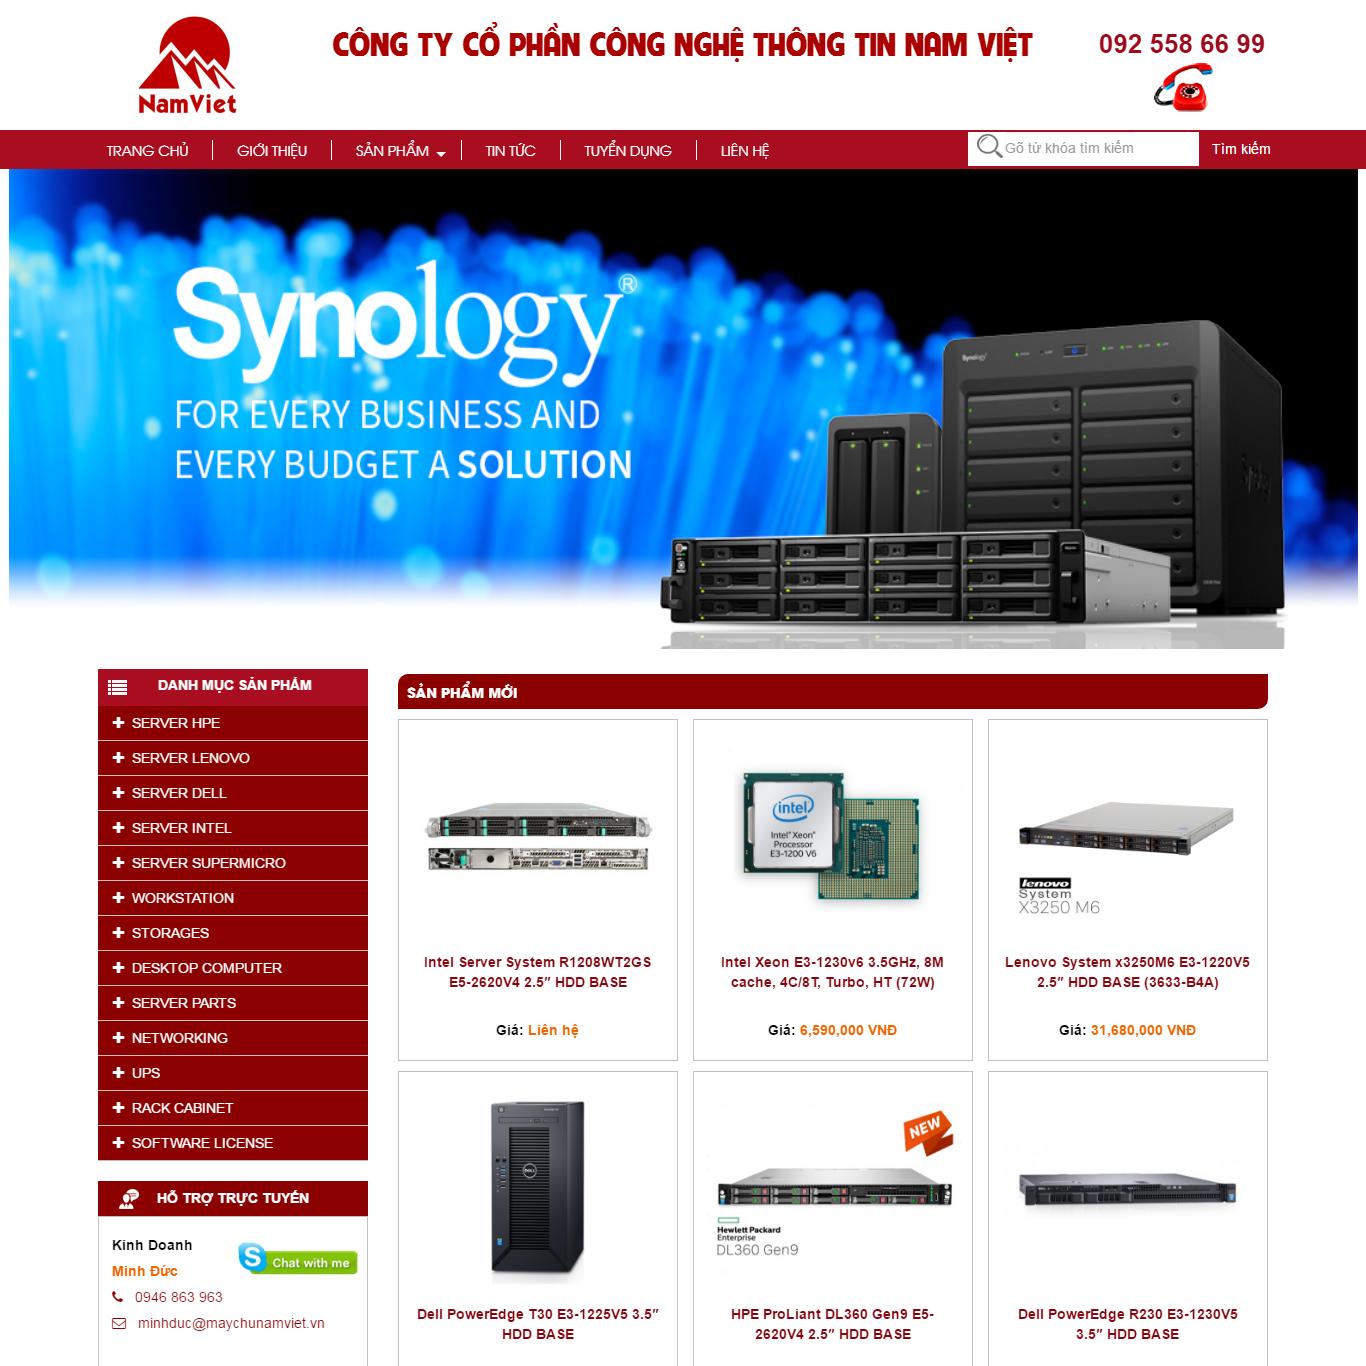 máy server, web bán hàng, máy chủ, bán máy tính